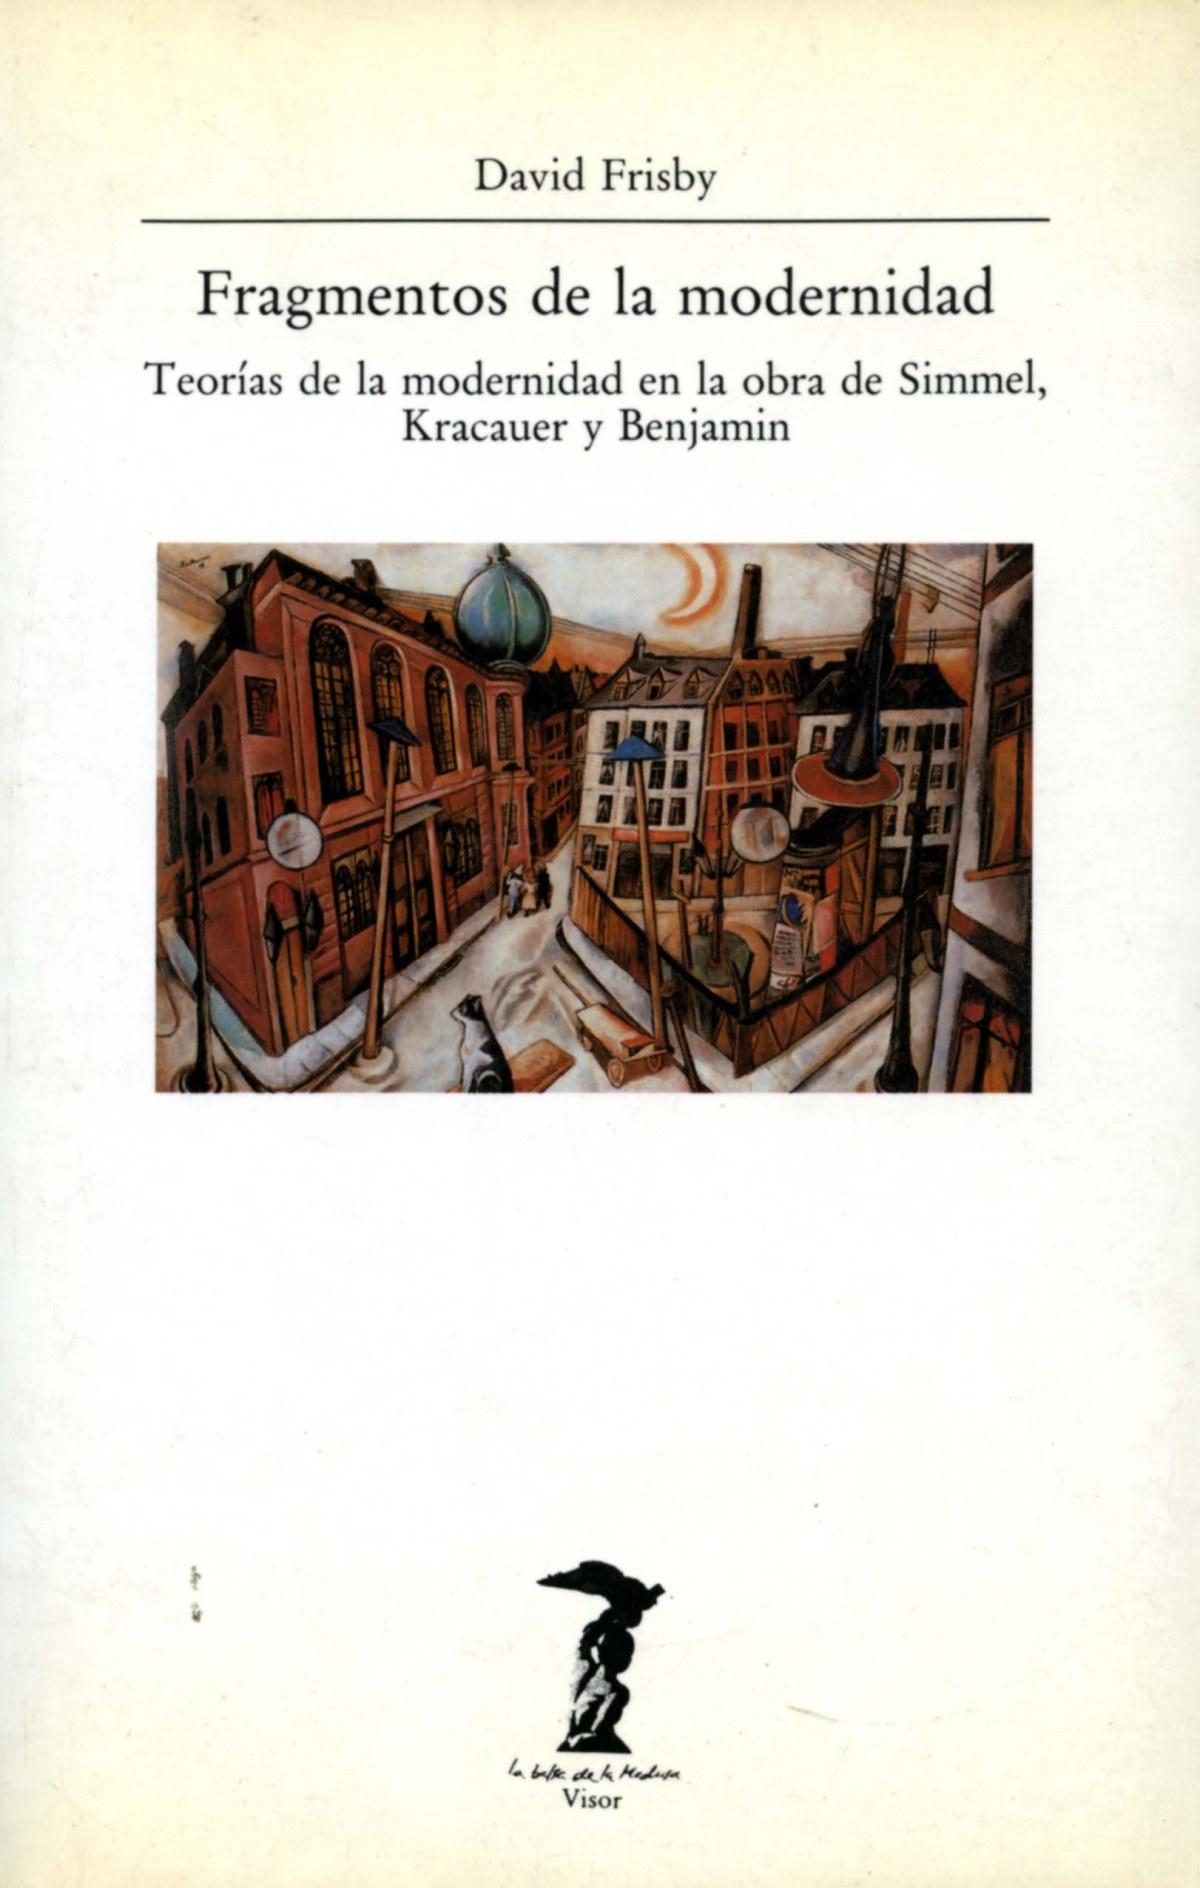 Fragmentos de la modernidad Teorías de modernidad en la obra de Simmel, Kracauer y Benjamin - Frisby, David